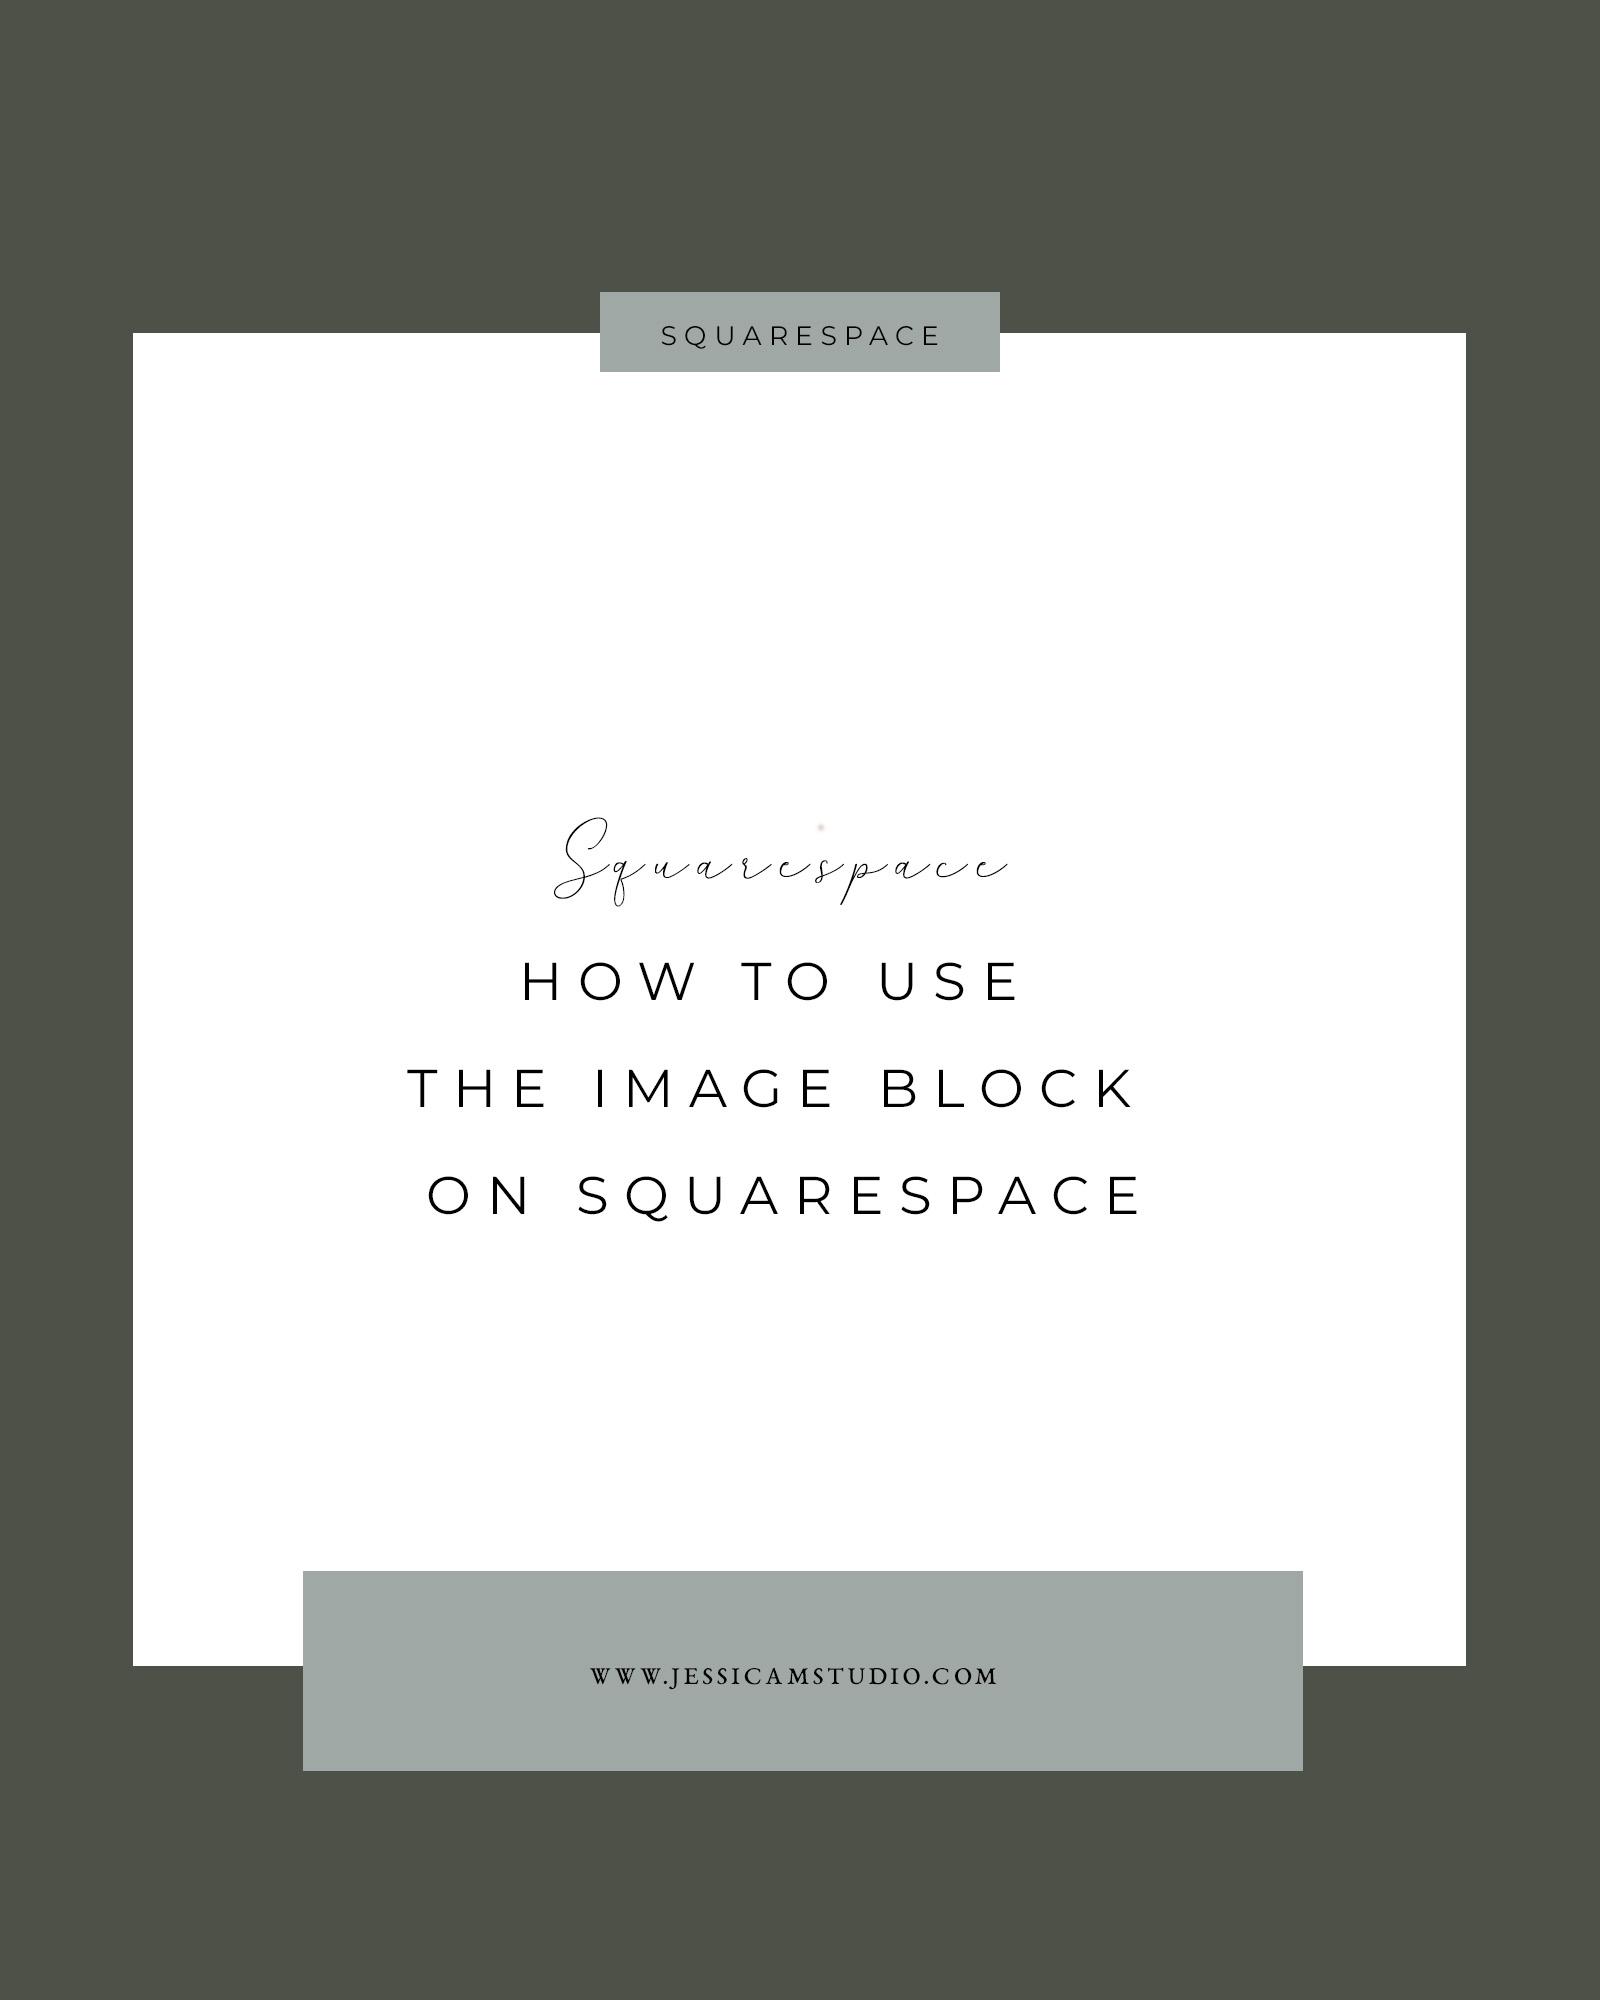 image block squarespace